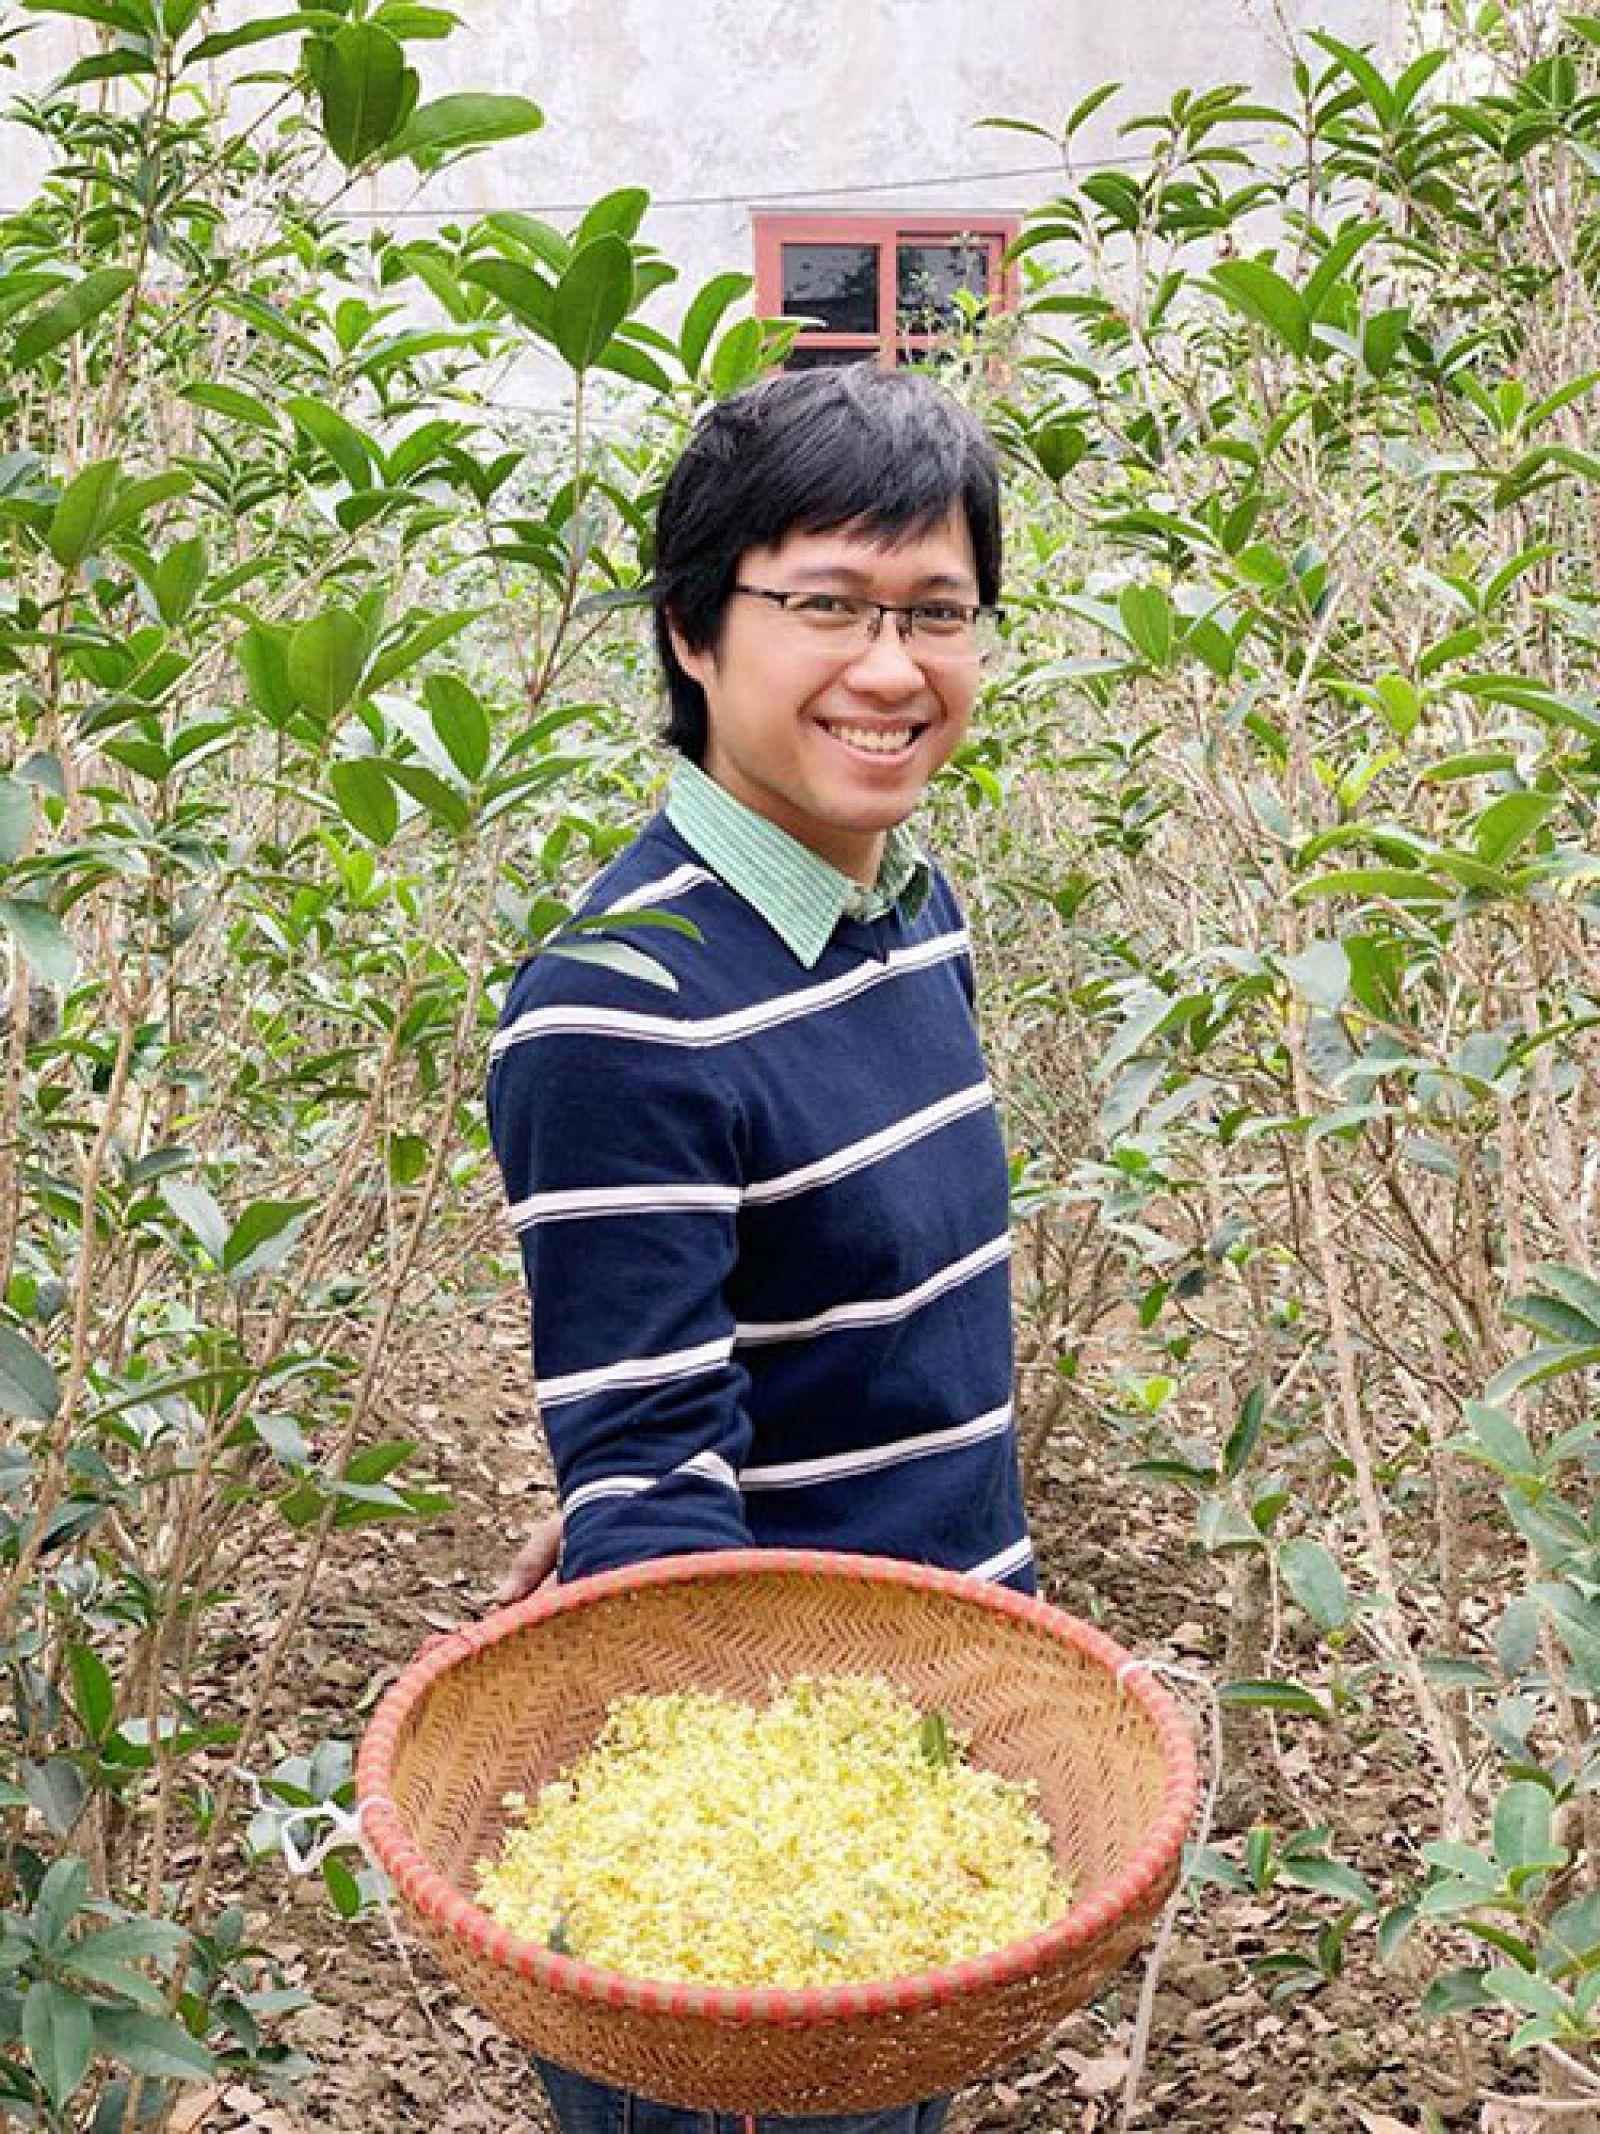 Nguyễn Tuấn Linh hái hoa mộc để ướp trà. Ảnh: NVCC.